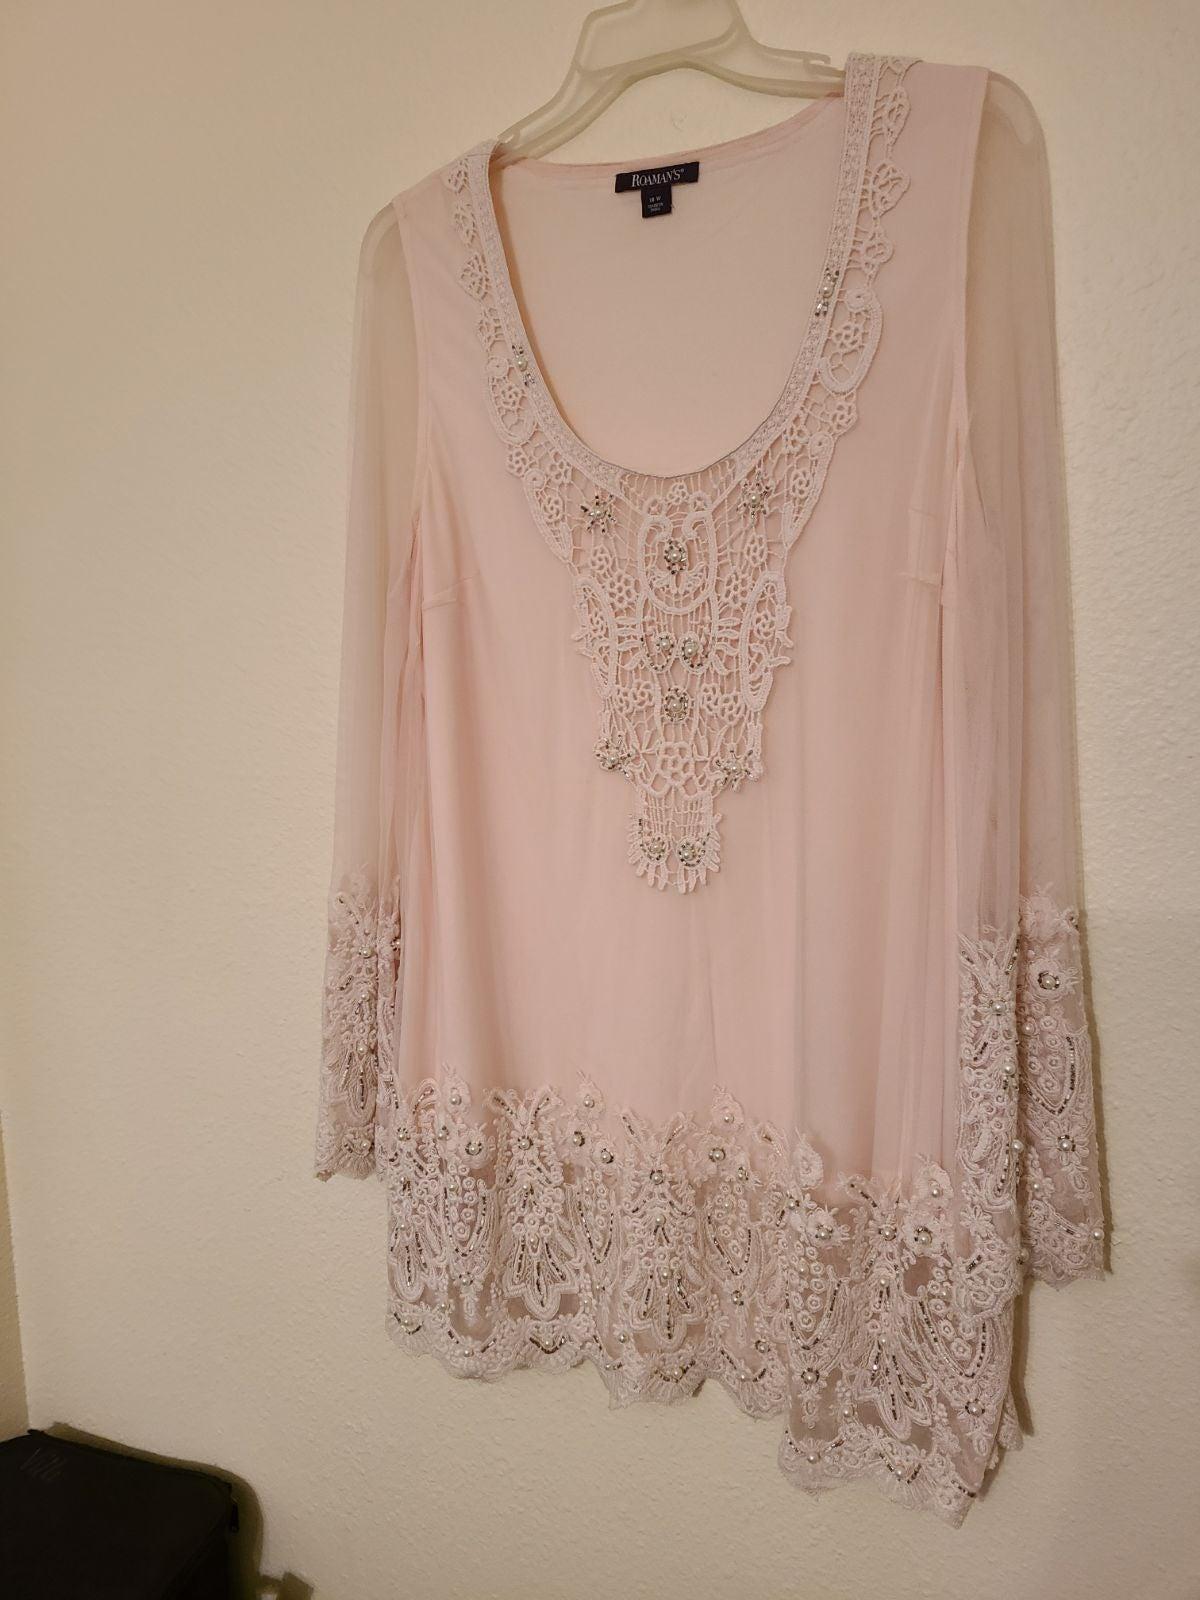 Beautiful beaded blouse!